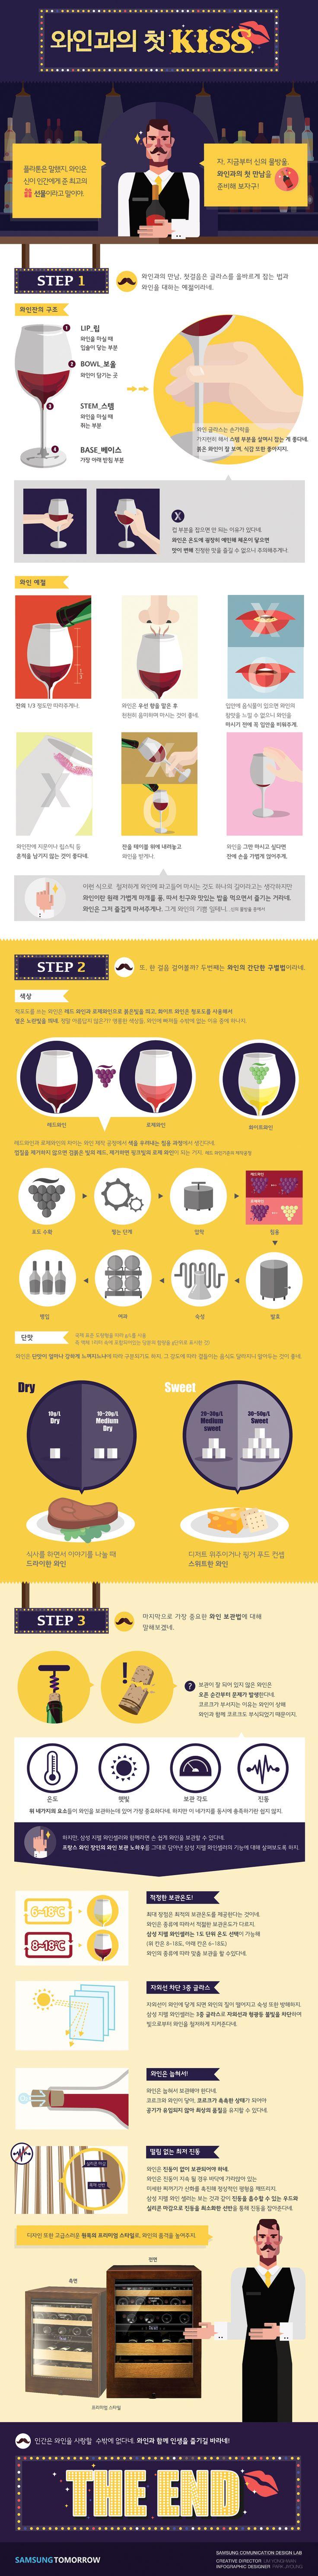 [Infographic] '와인에 대한 모든것!' 와인 초보자를 위한 인포그래픽